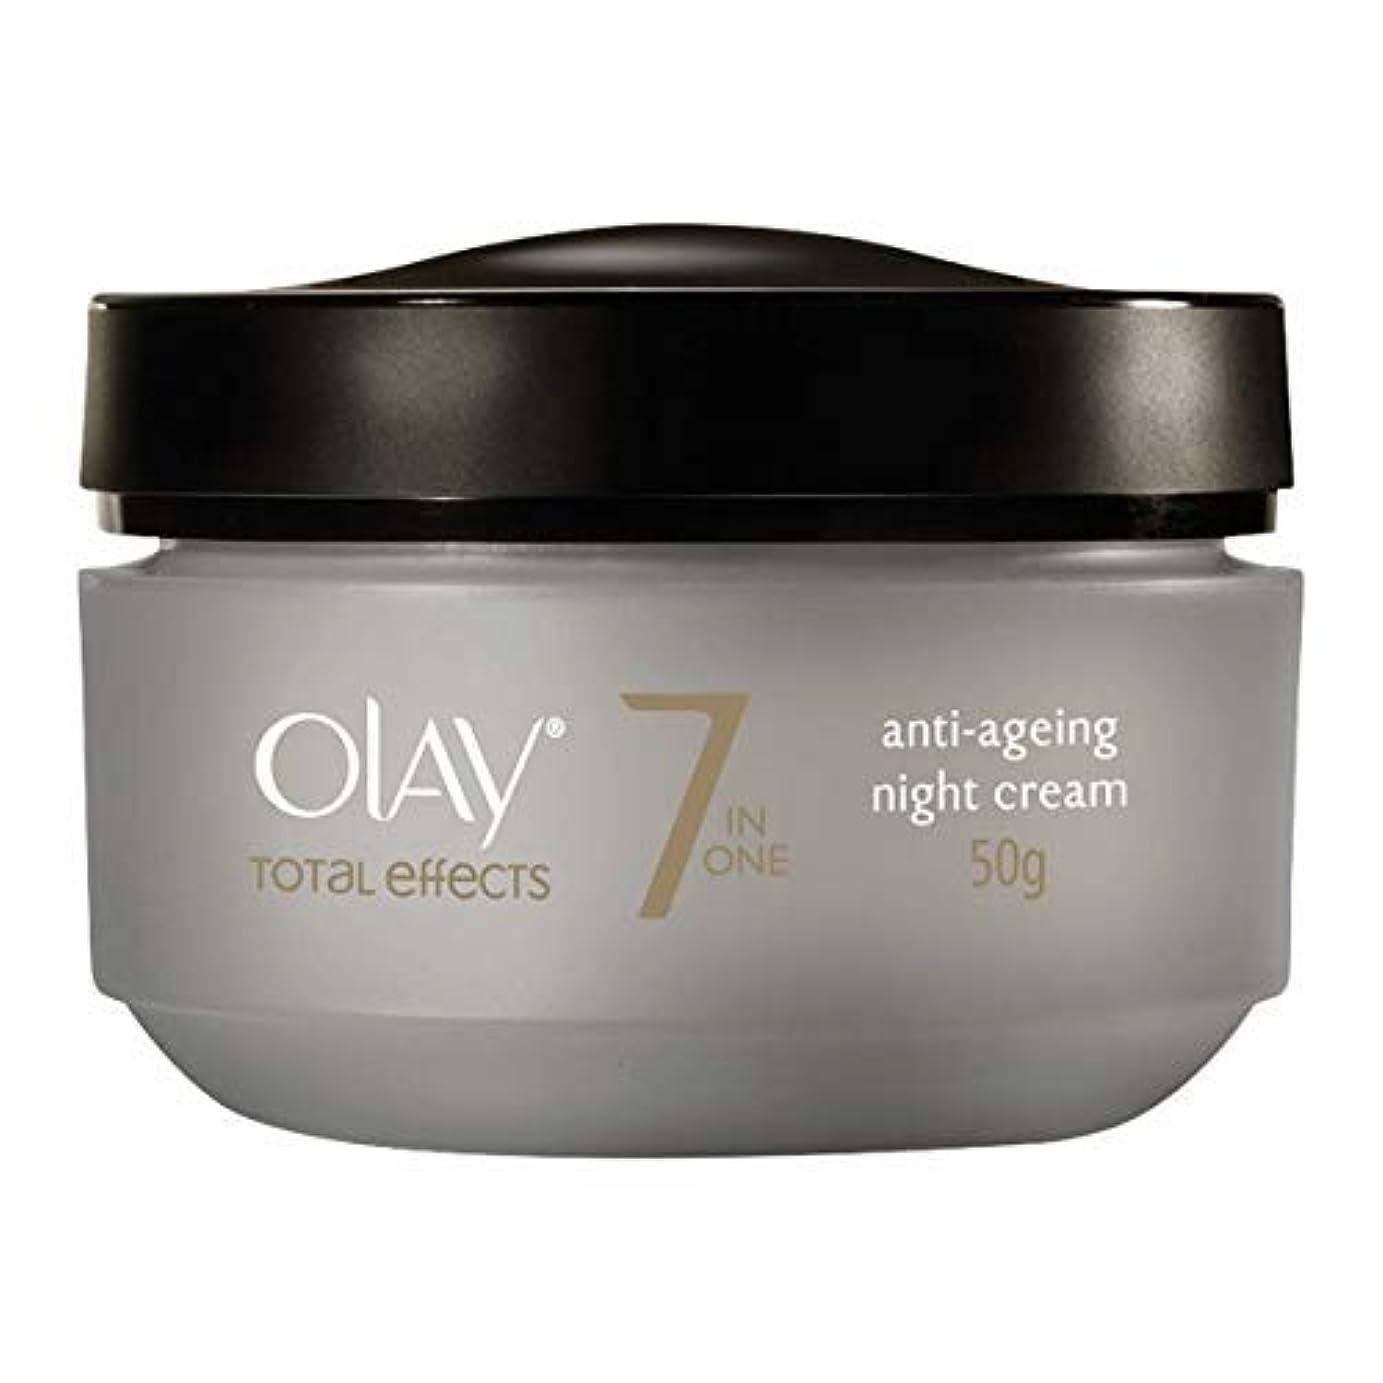 モルヒネ洗う人柄オレイ Total Effects 7 In 1 Anti-Ageing Night Cream 50ml/1.7oz並行輸入品